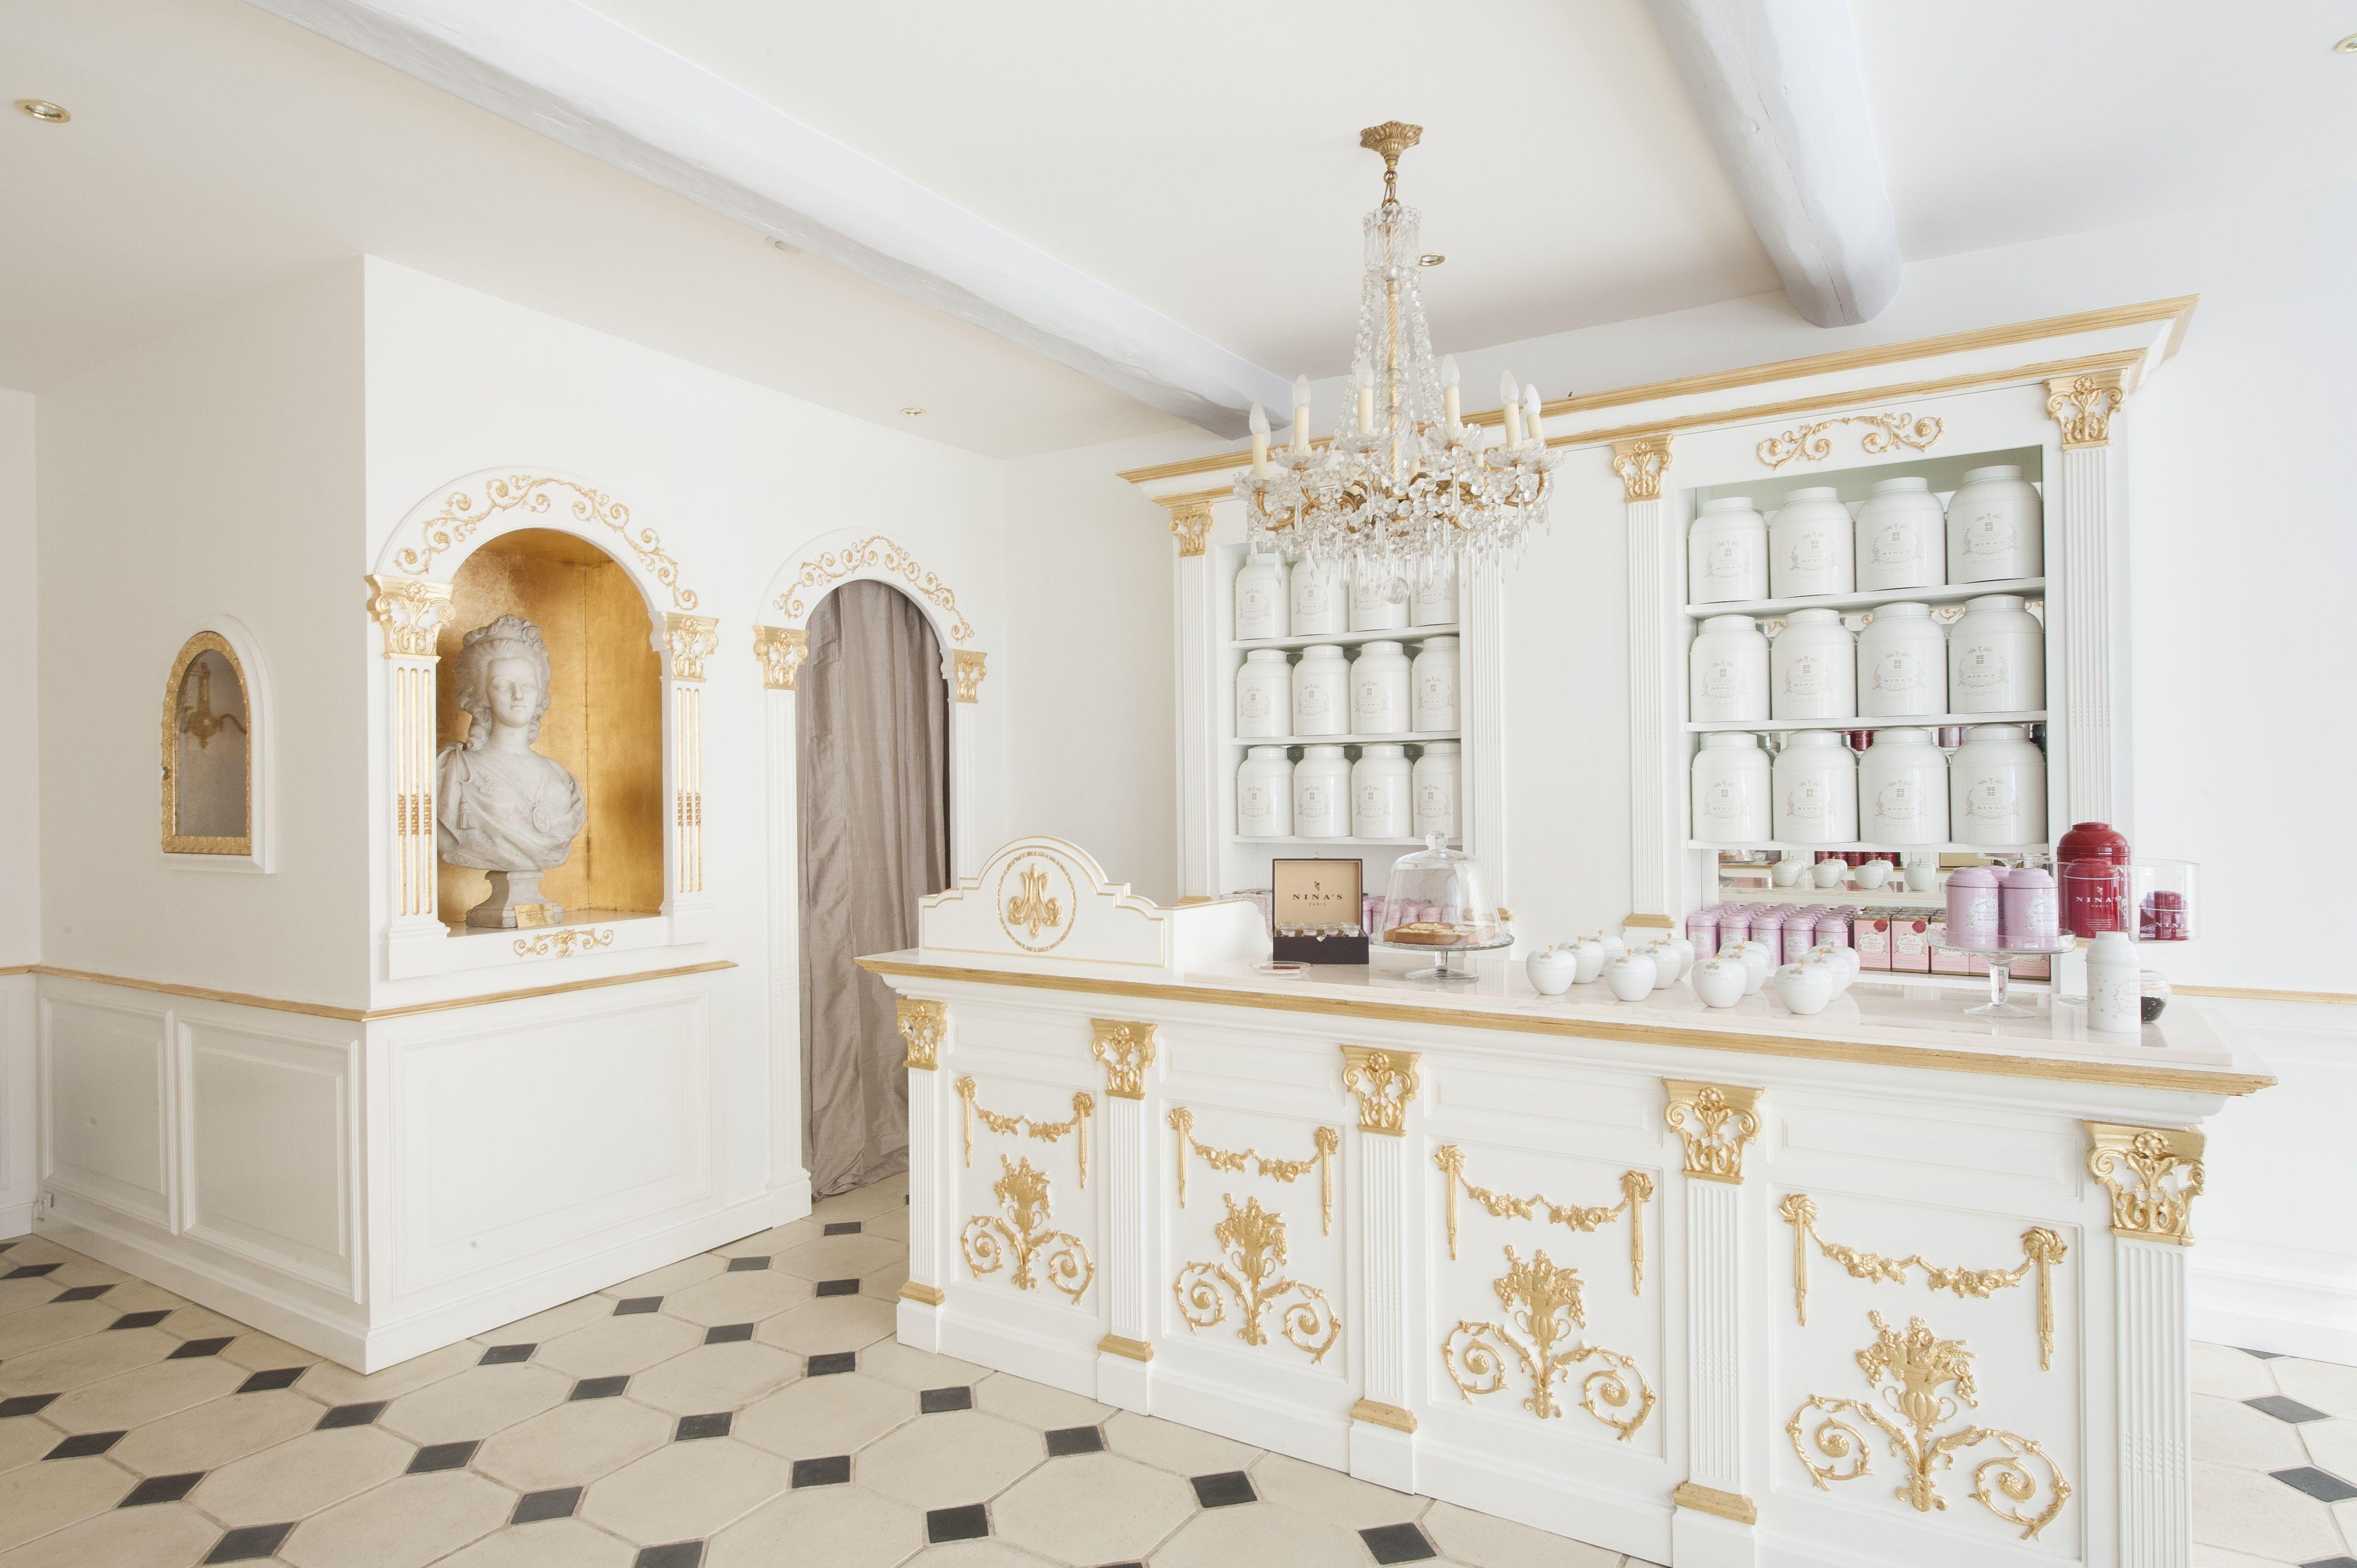 boutique nina 39 s paris pr s de la place vend me tour du monde pinterest store fronts. Black Bedroom Furniture Sets. Home Design Ideas